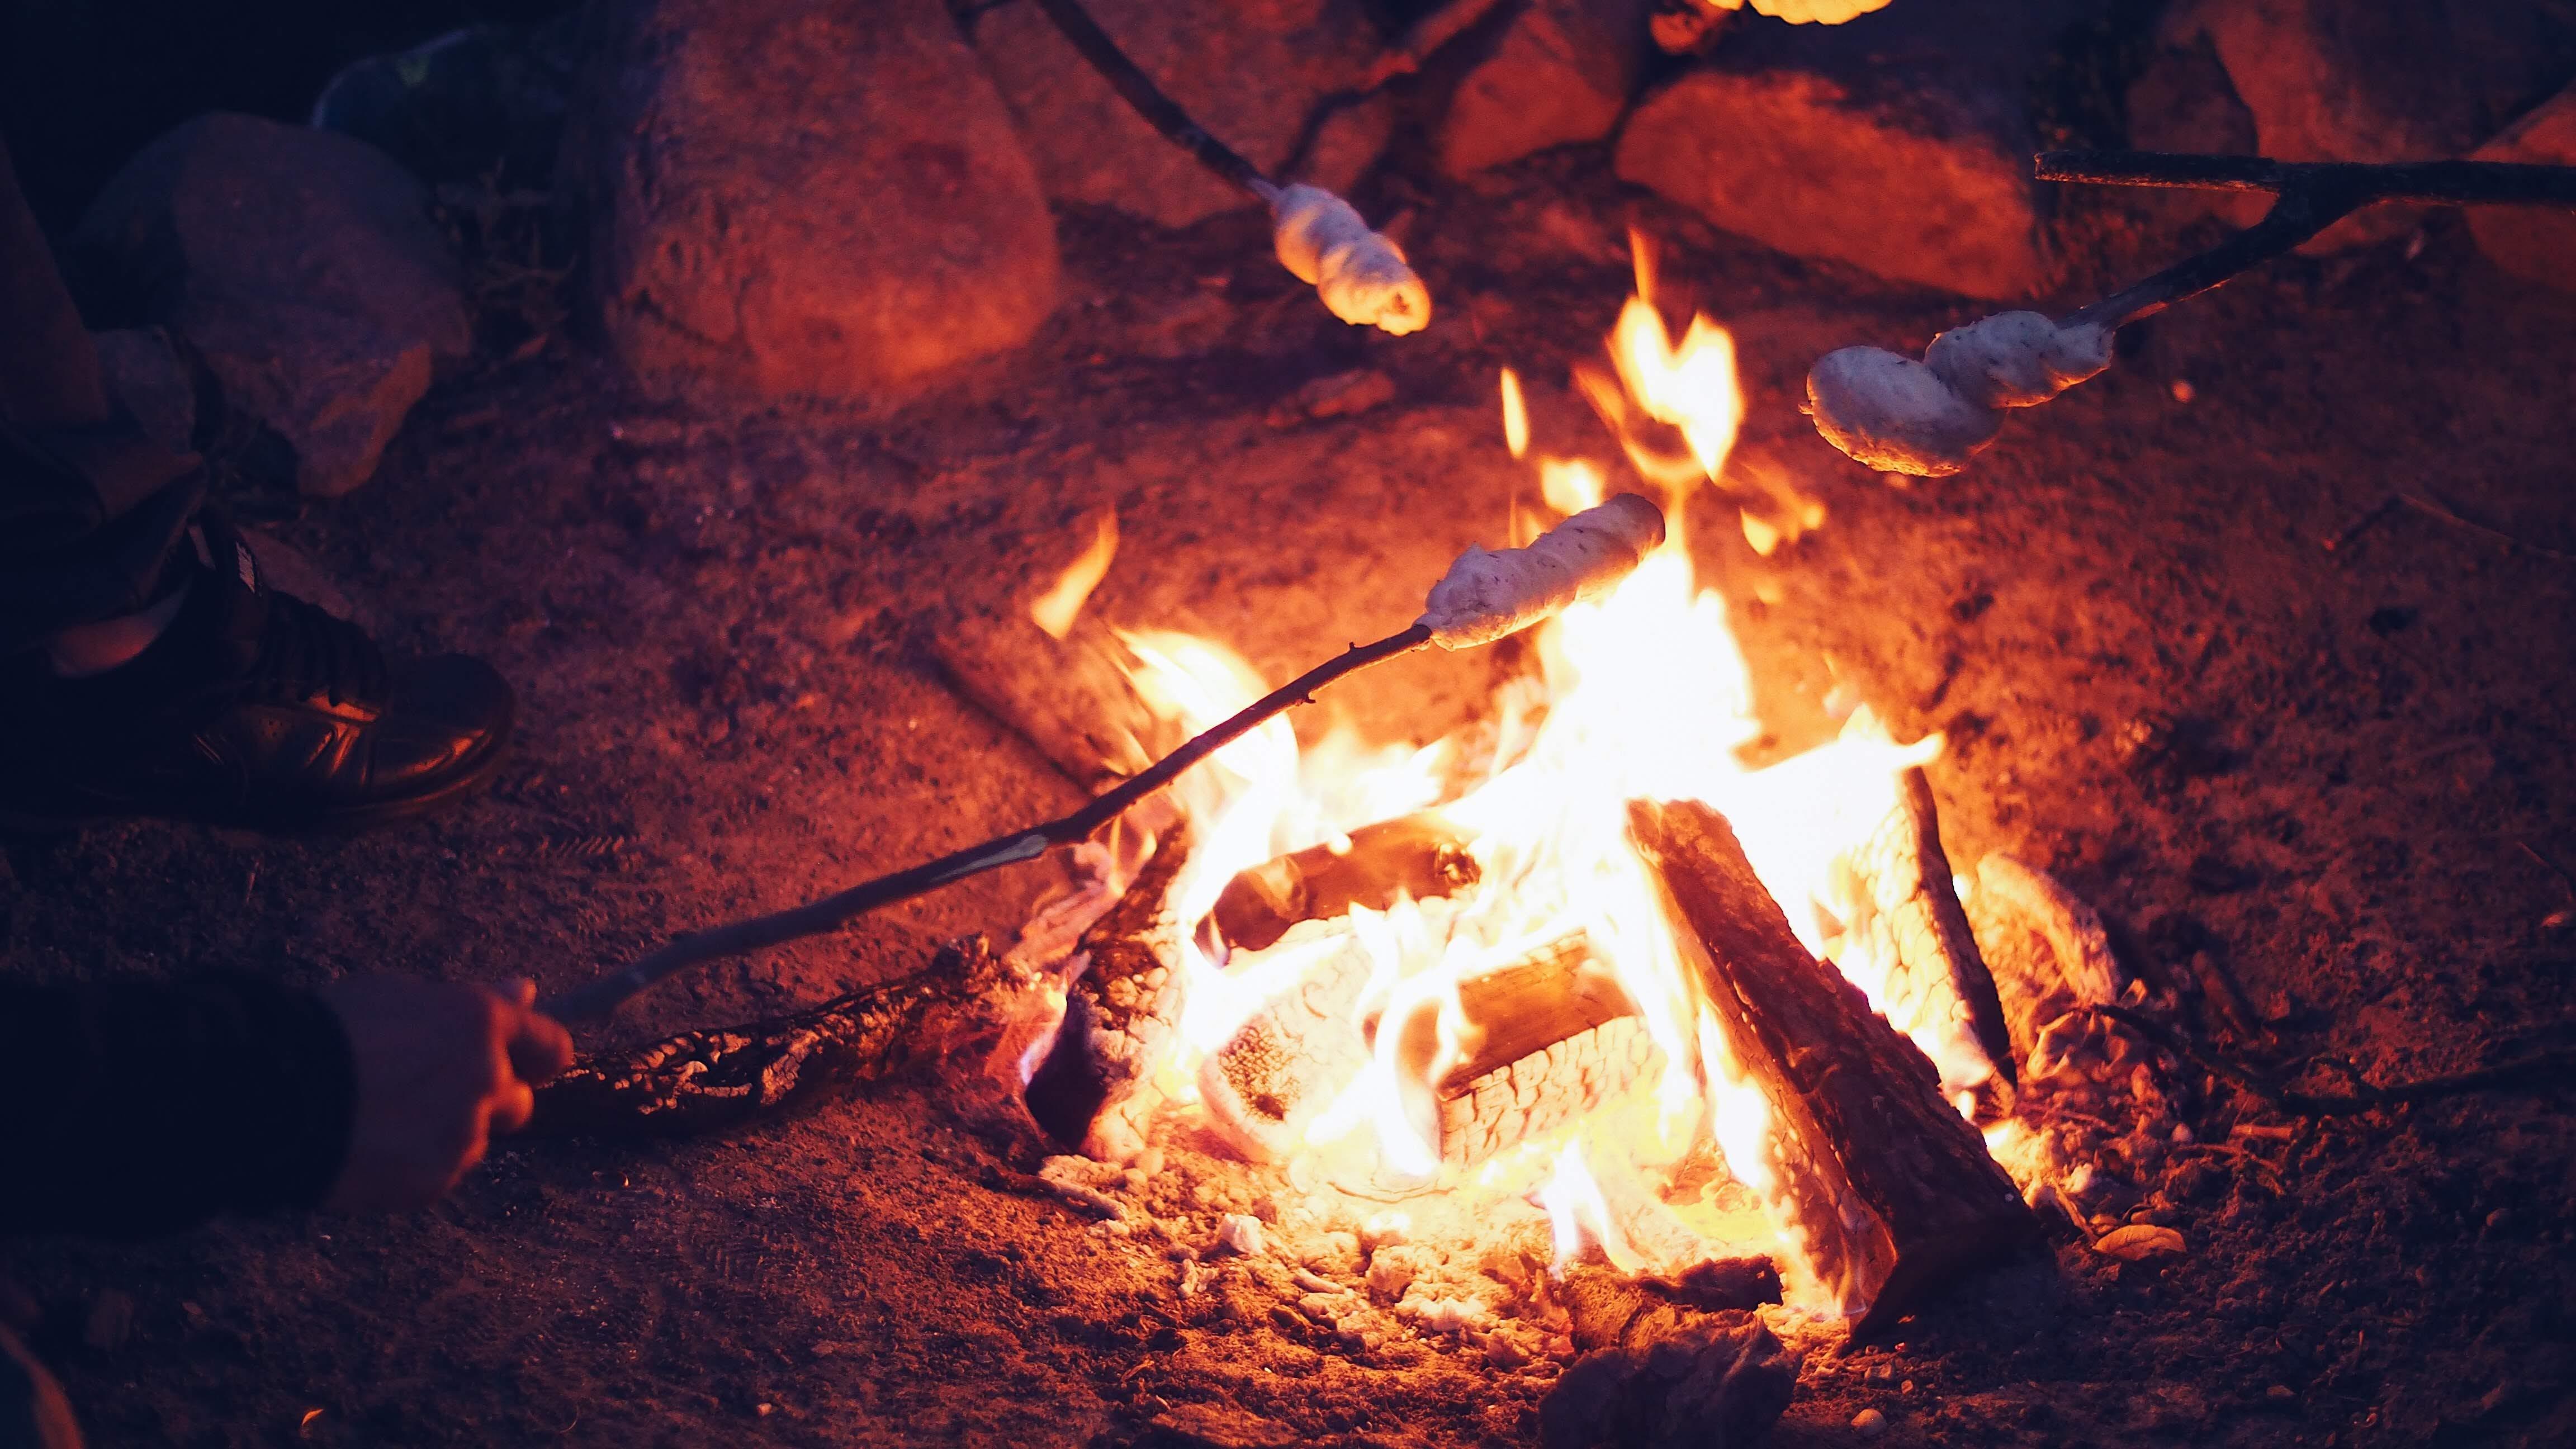 Бесплатное стоковое фото с Барбекю, горение, гореть, горячий